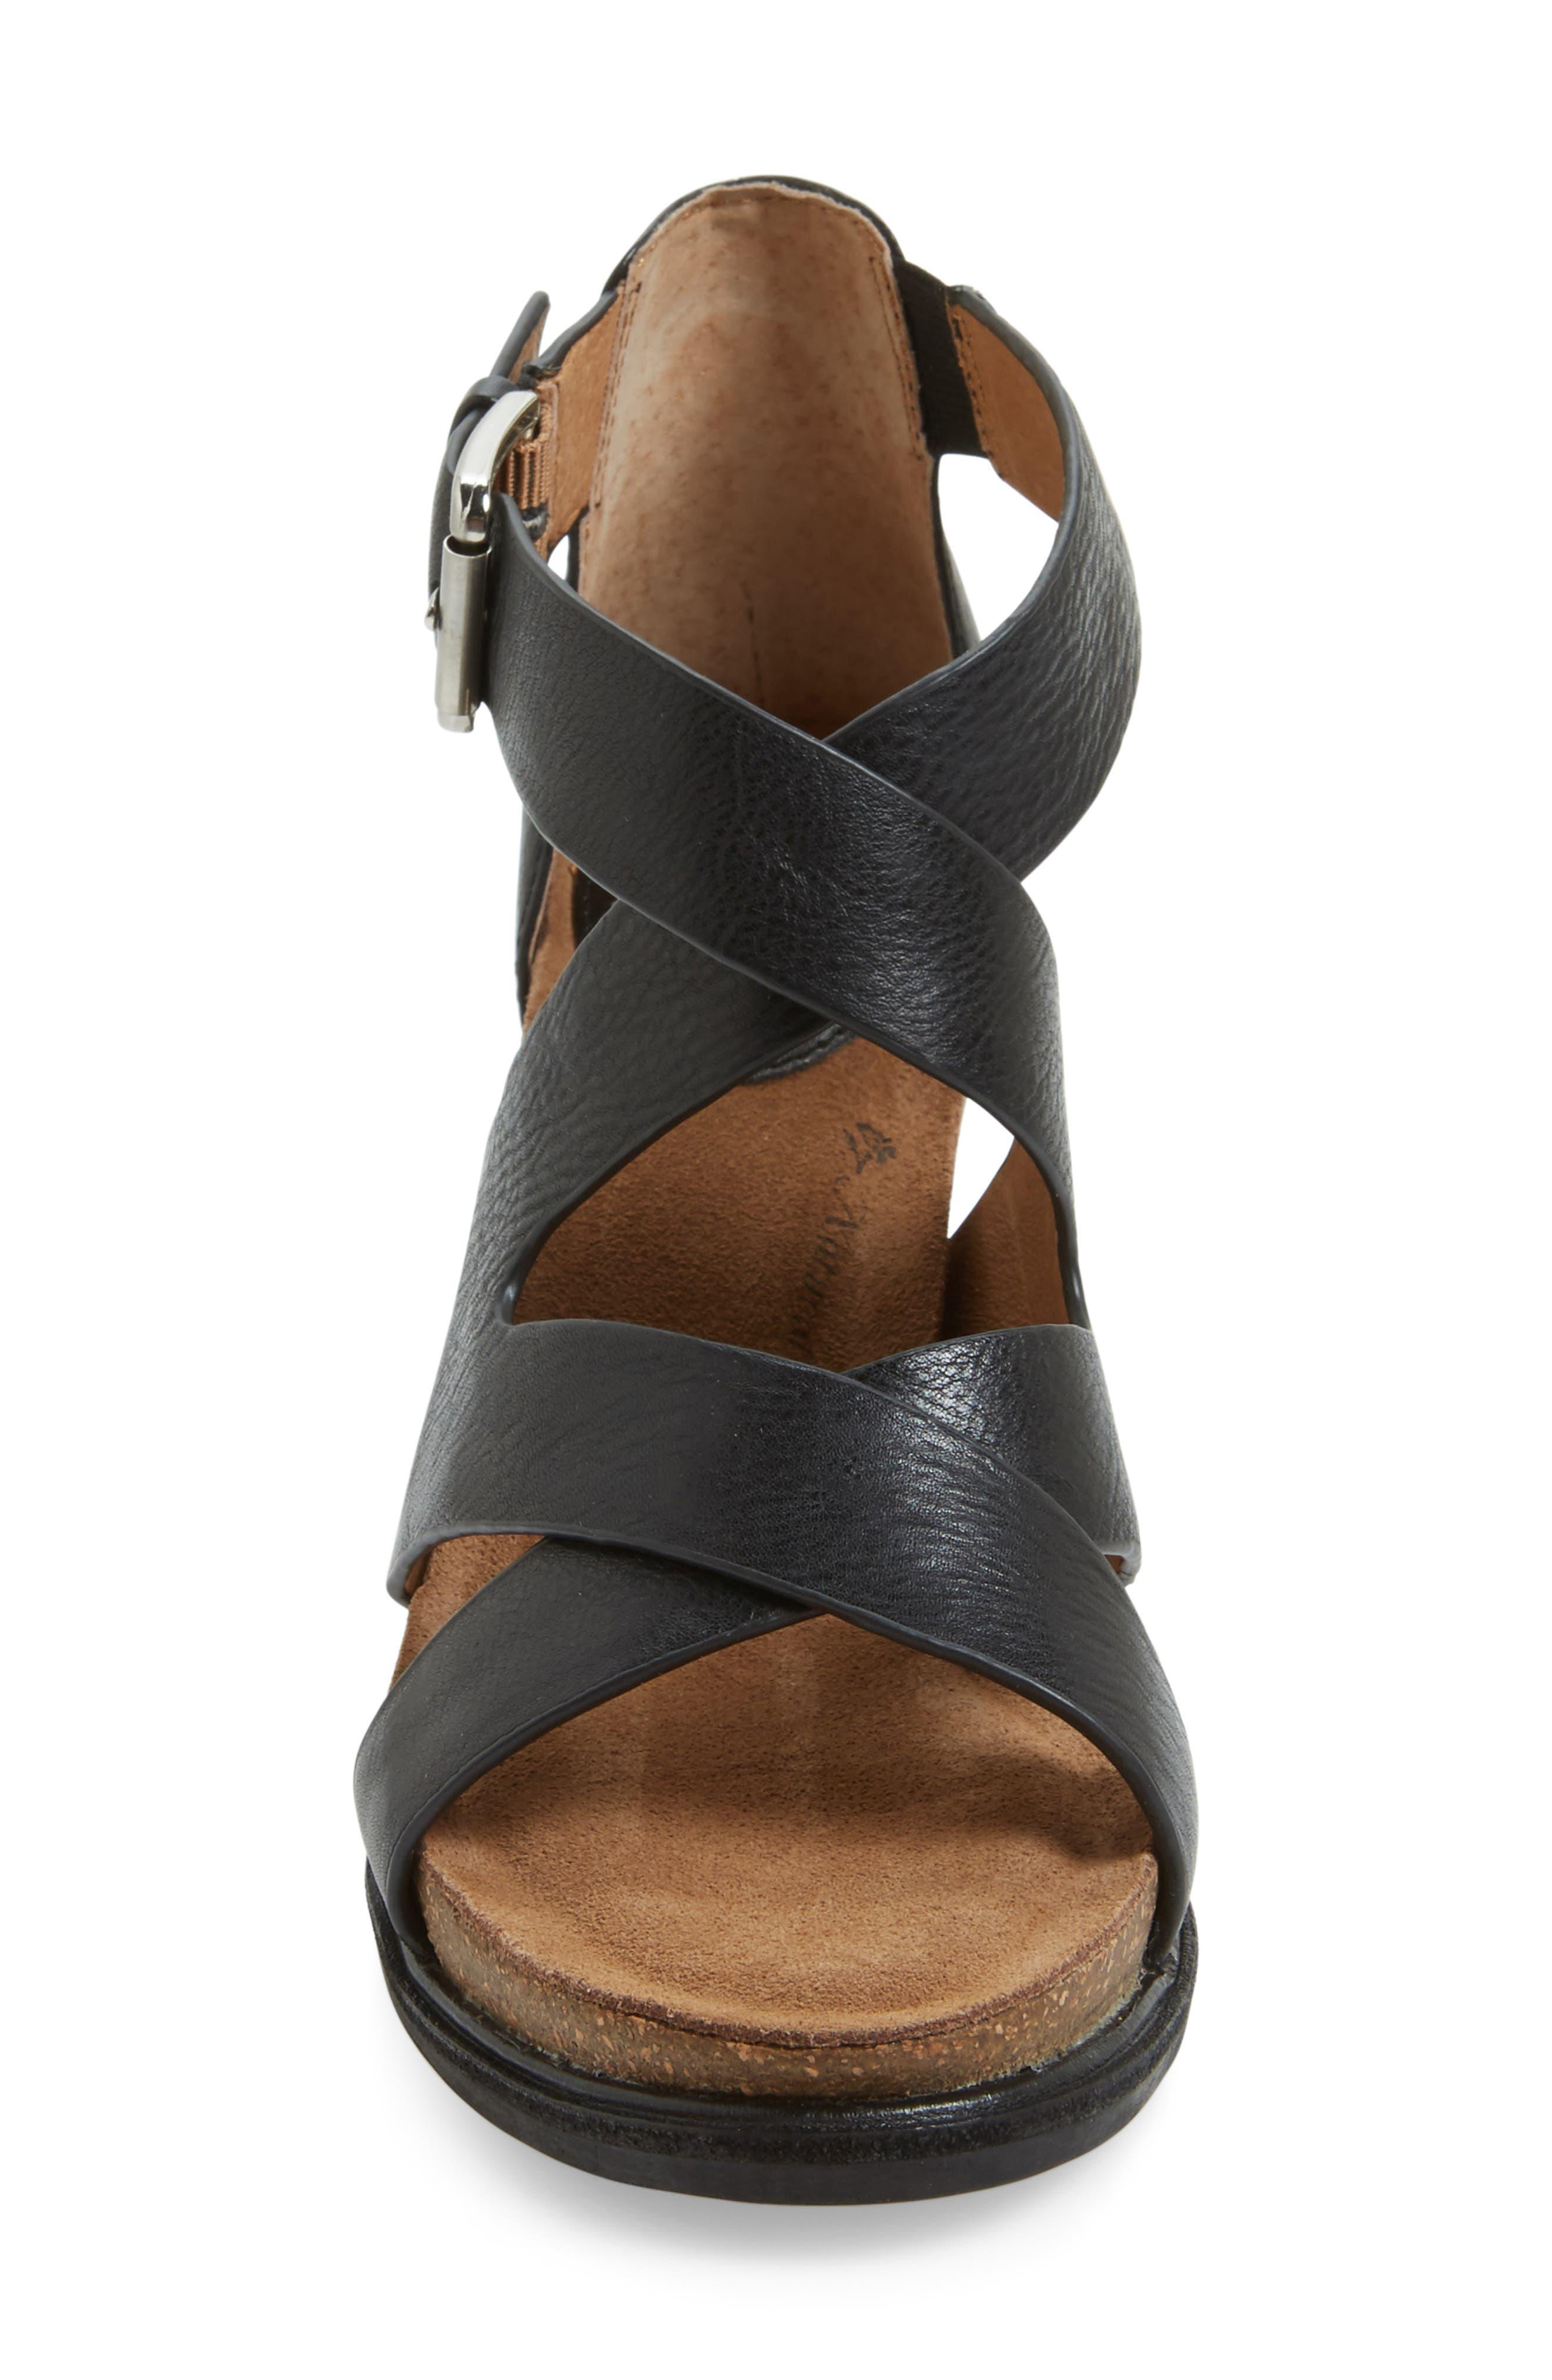 Canita Block Heel Sandal,                             Alternate thumbnail 3, color,                             001